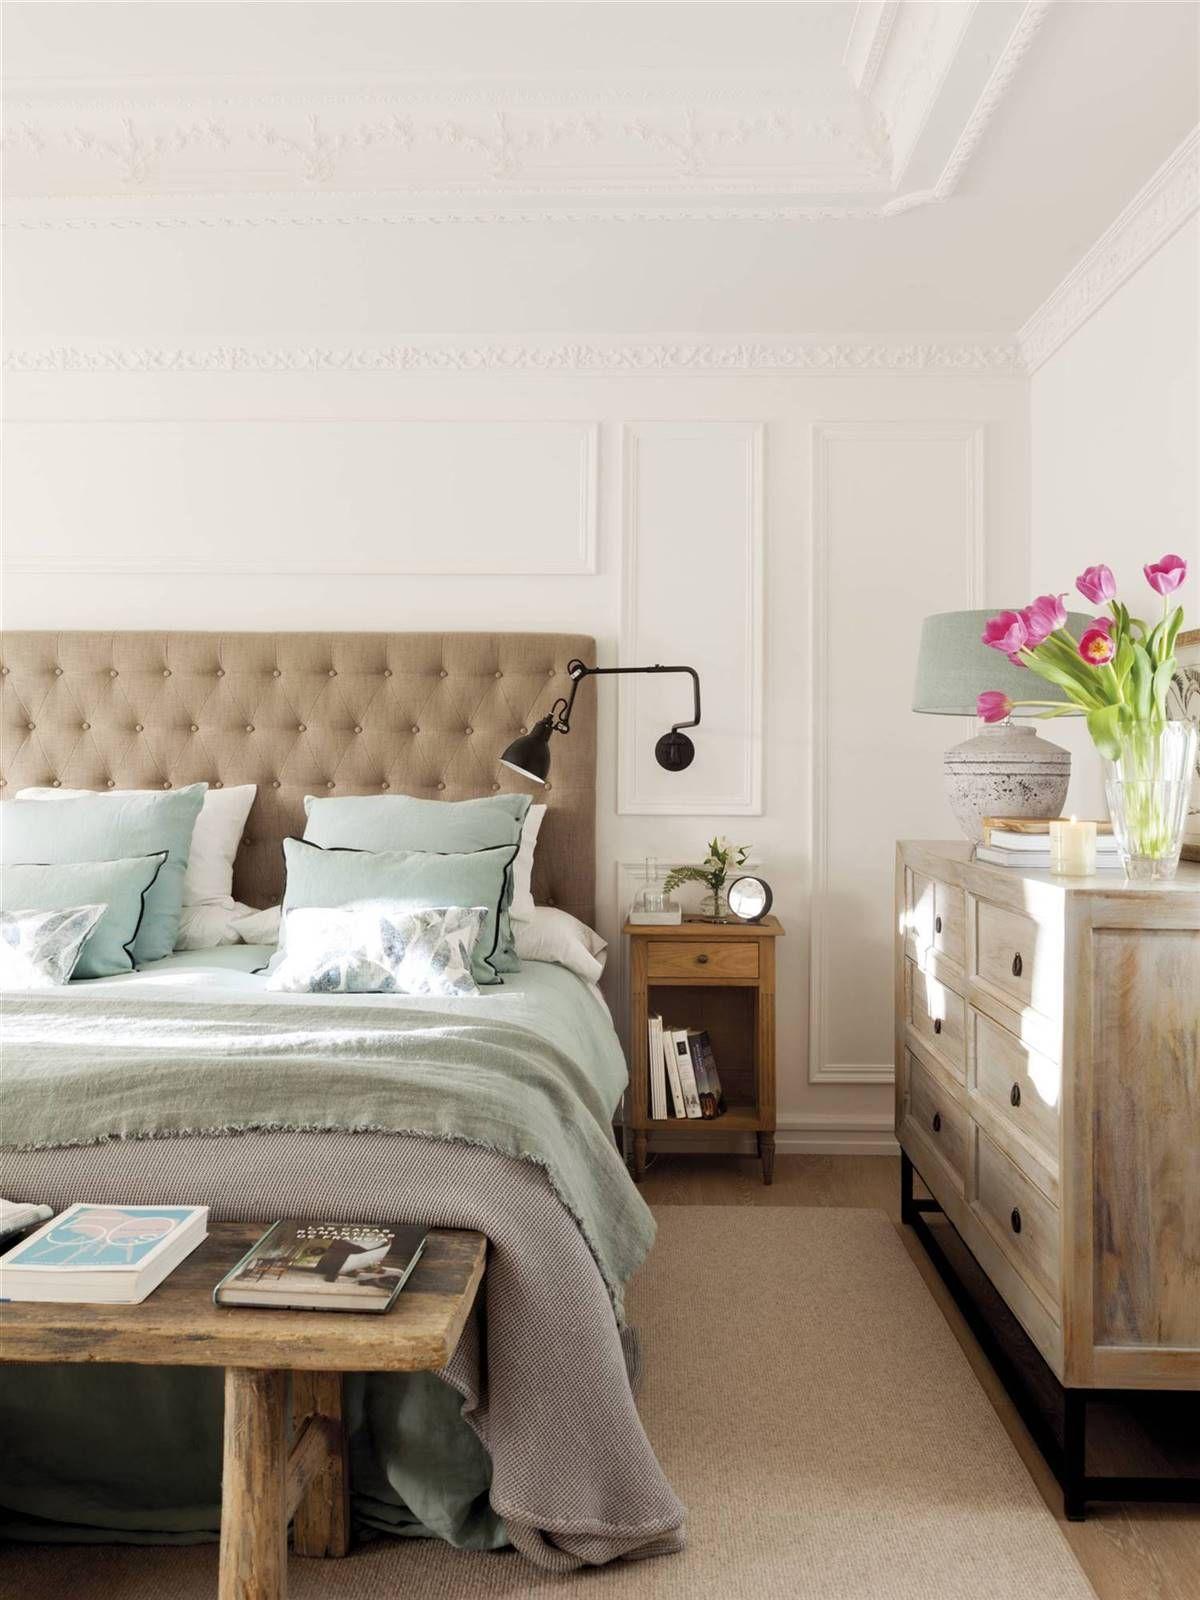 El Salon Mas Primaveral Dormitorios Camas Alfombras Habitacion